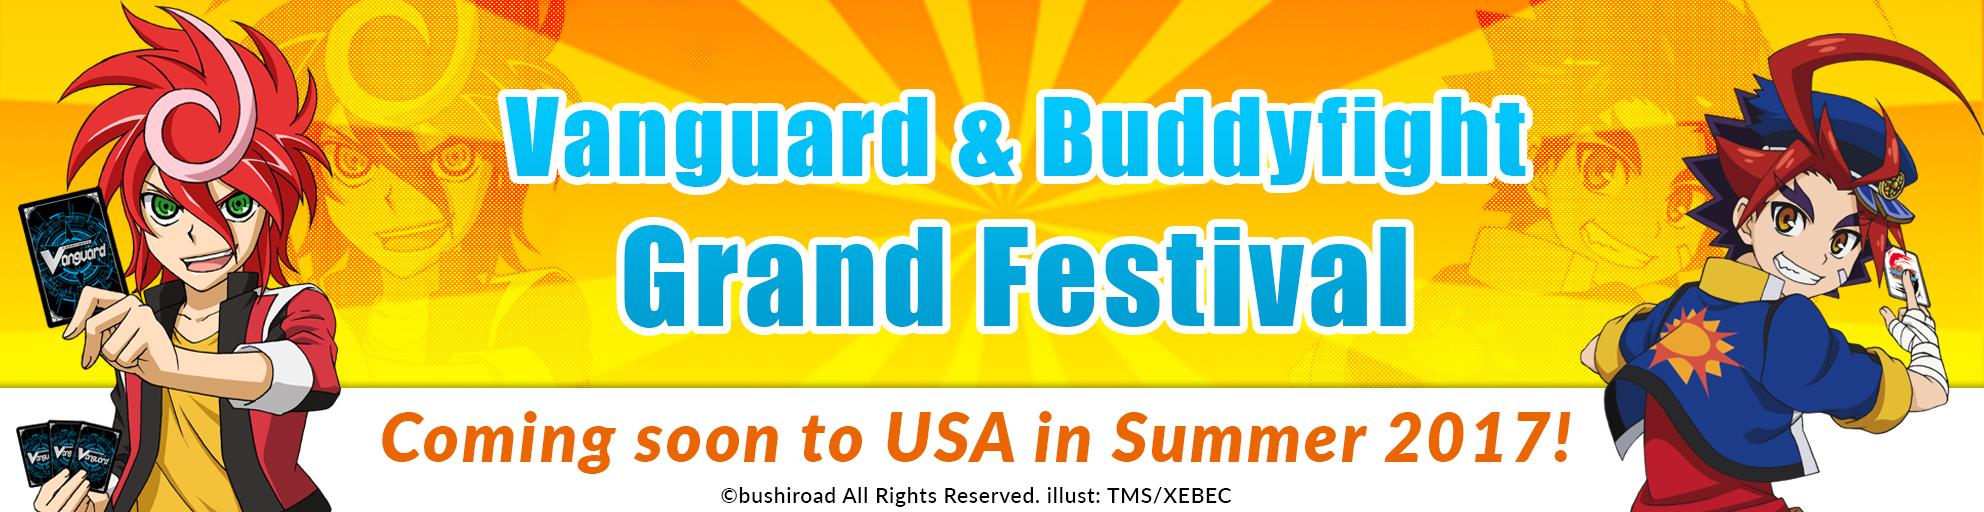 Grand Festival Banner